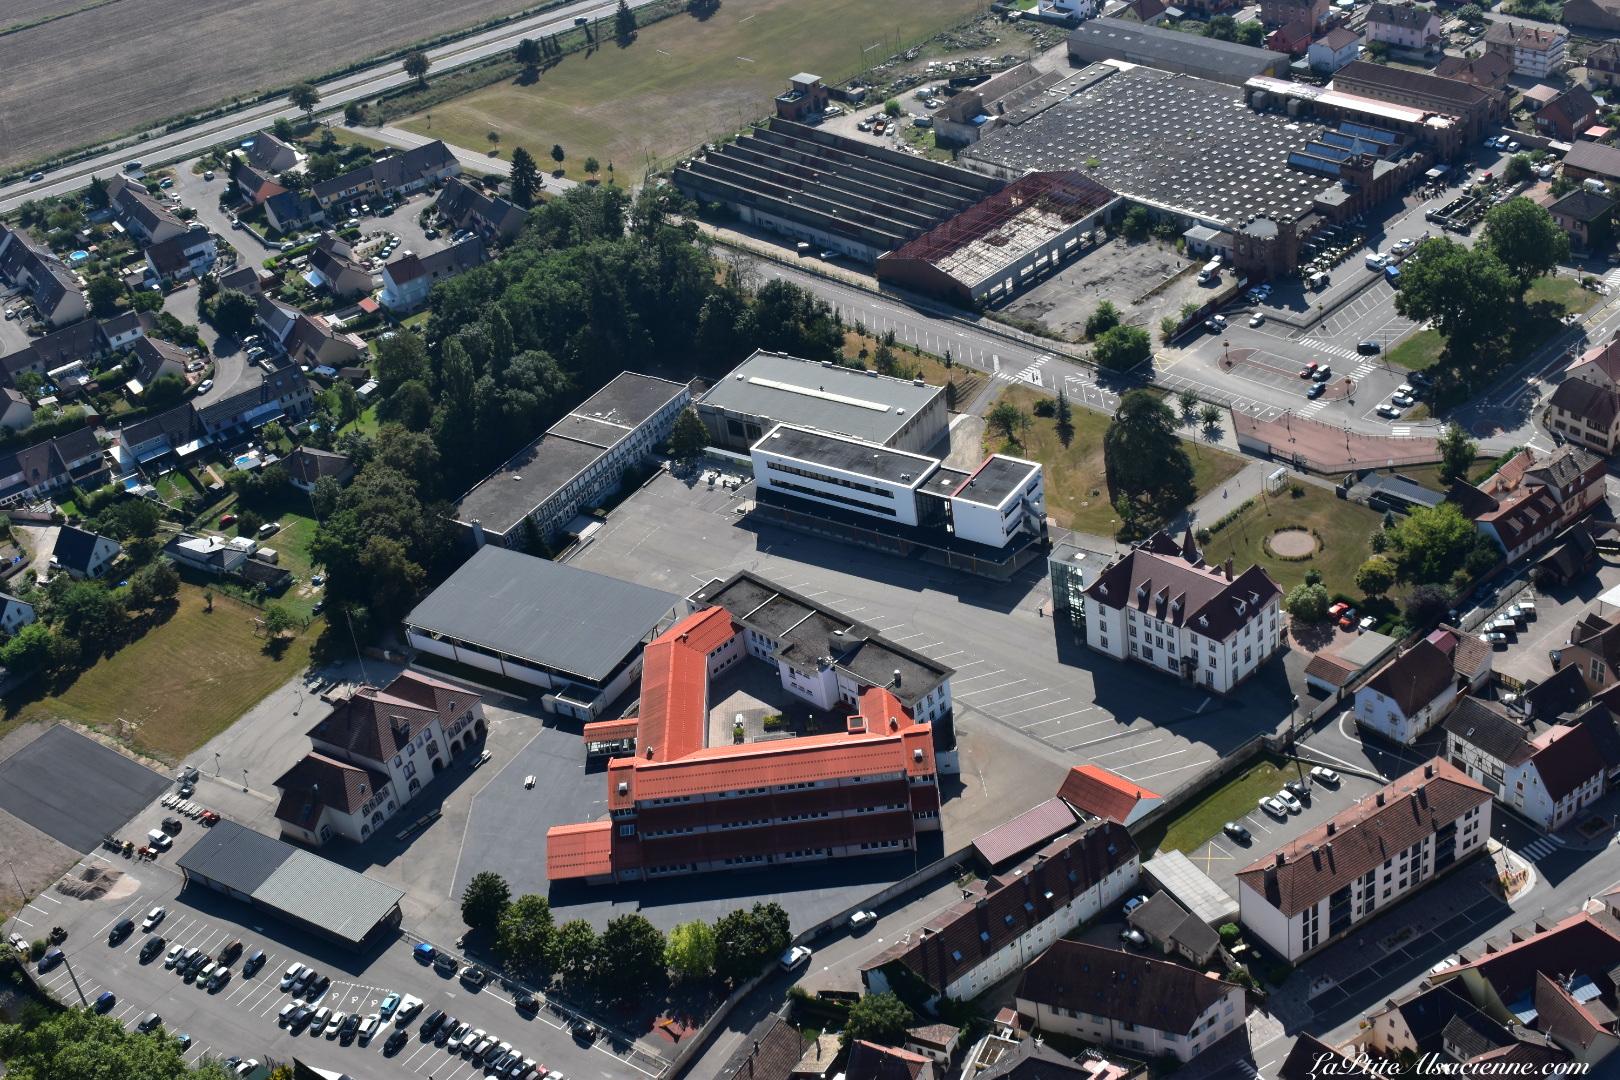 Ecole maternelle, primaire, Collège et Lycée Champagnat à Issenheim vu du ciel. Photo de Cendrine Miesch dite LaPtiteAlsacienne